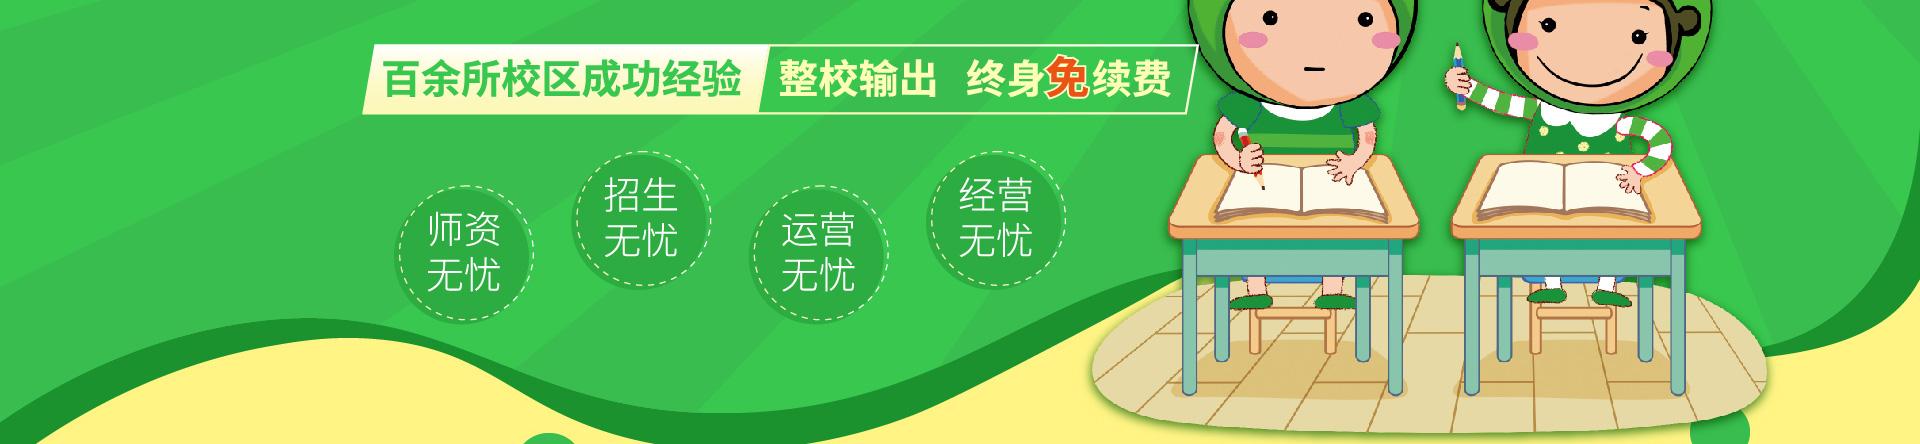 京豌豆新語文jwd_02